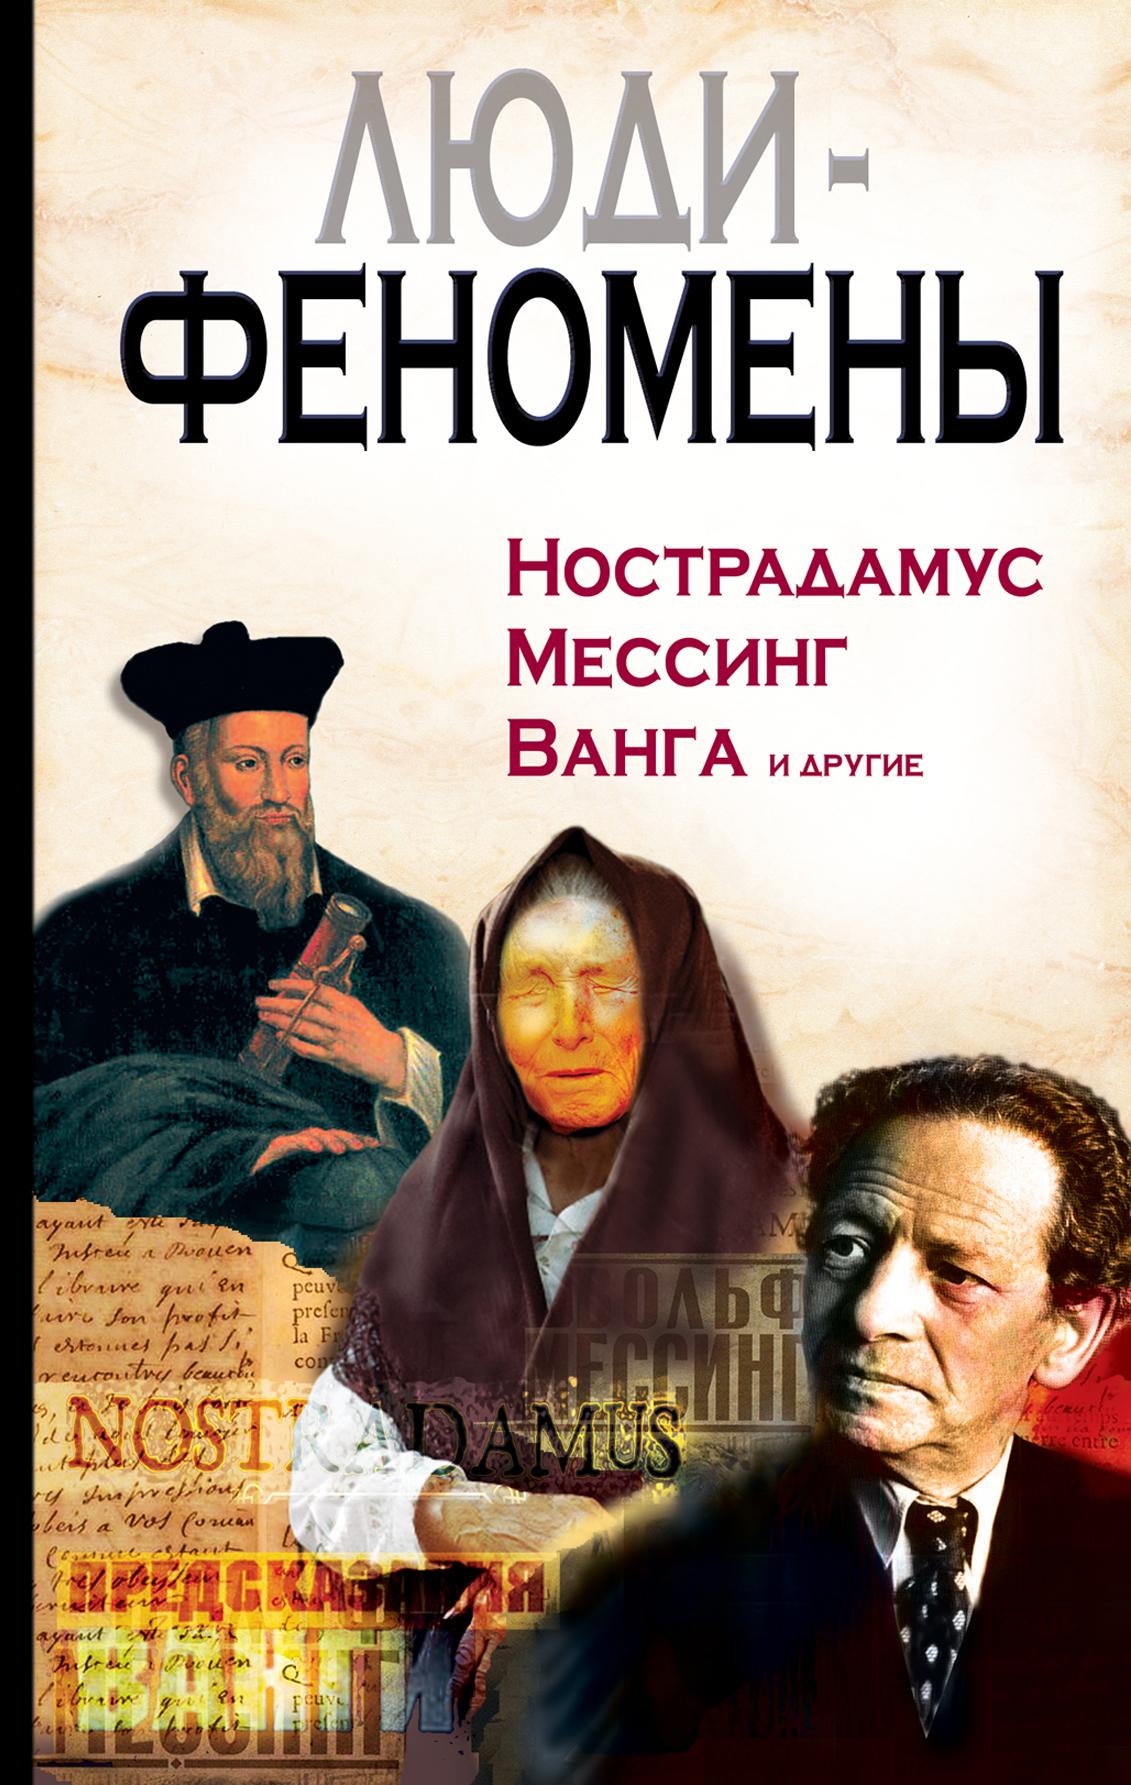 Люди-феномены: Нострадамус, Мессинг, Ванга и другие от book24.ru